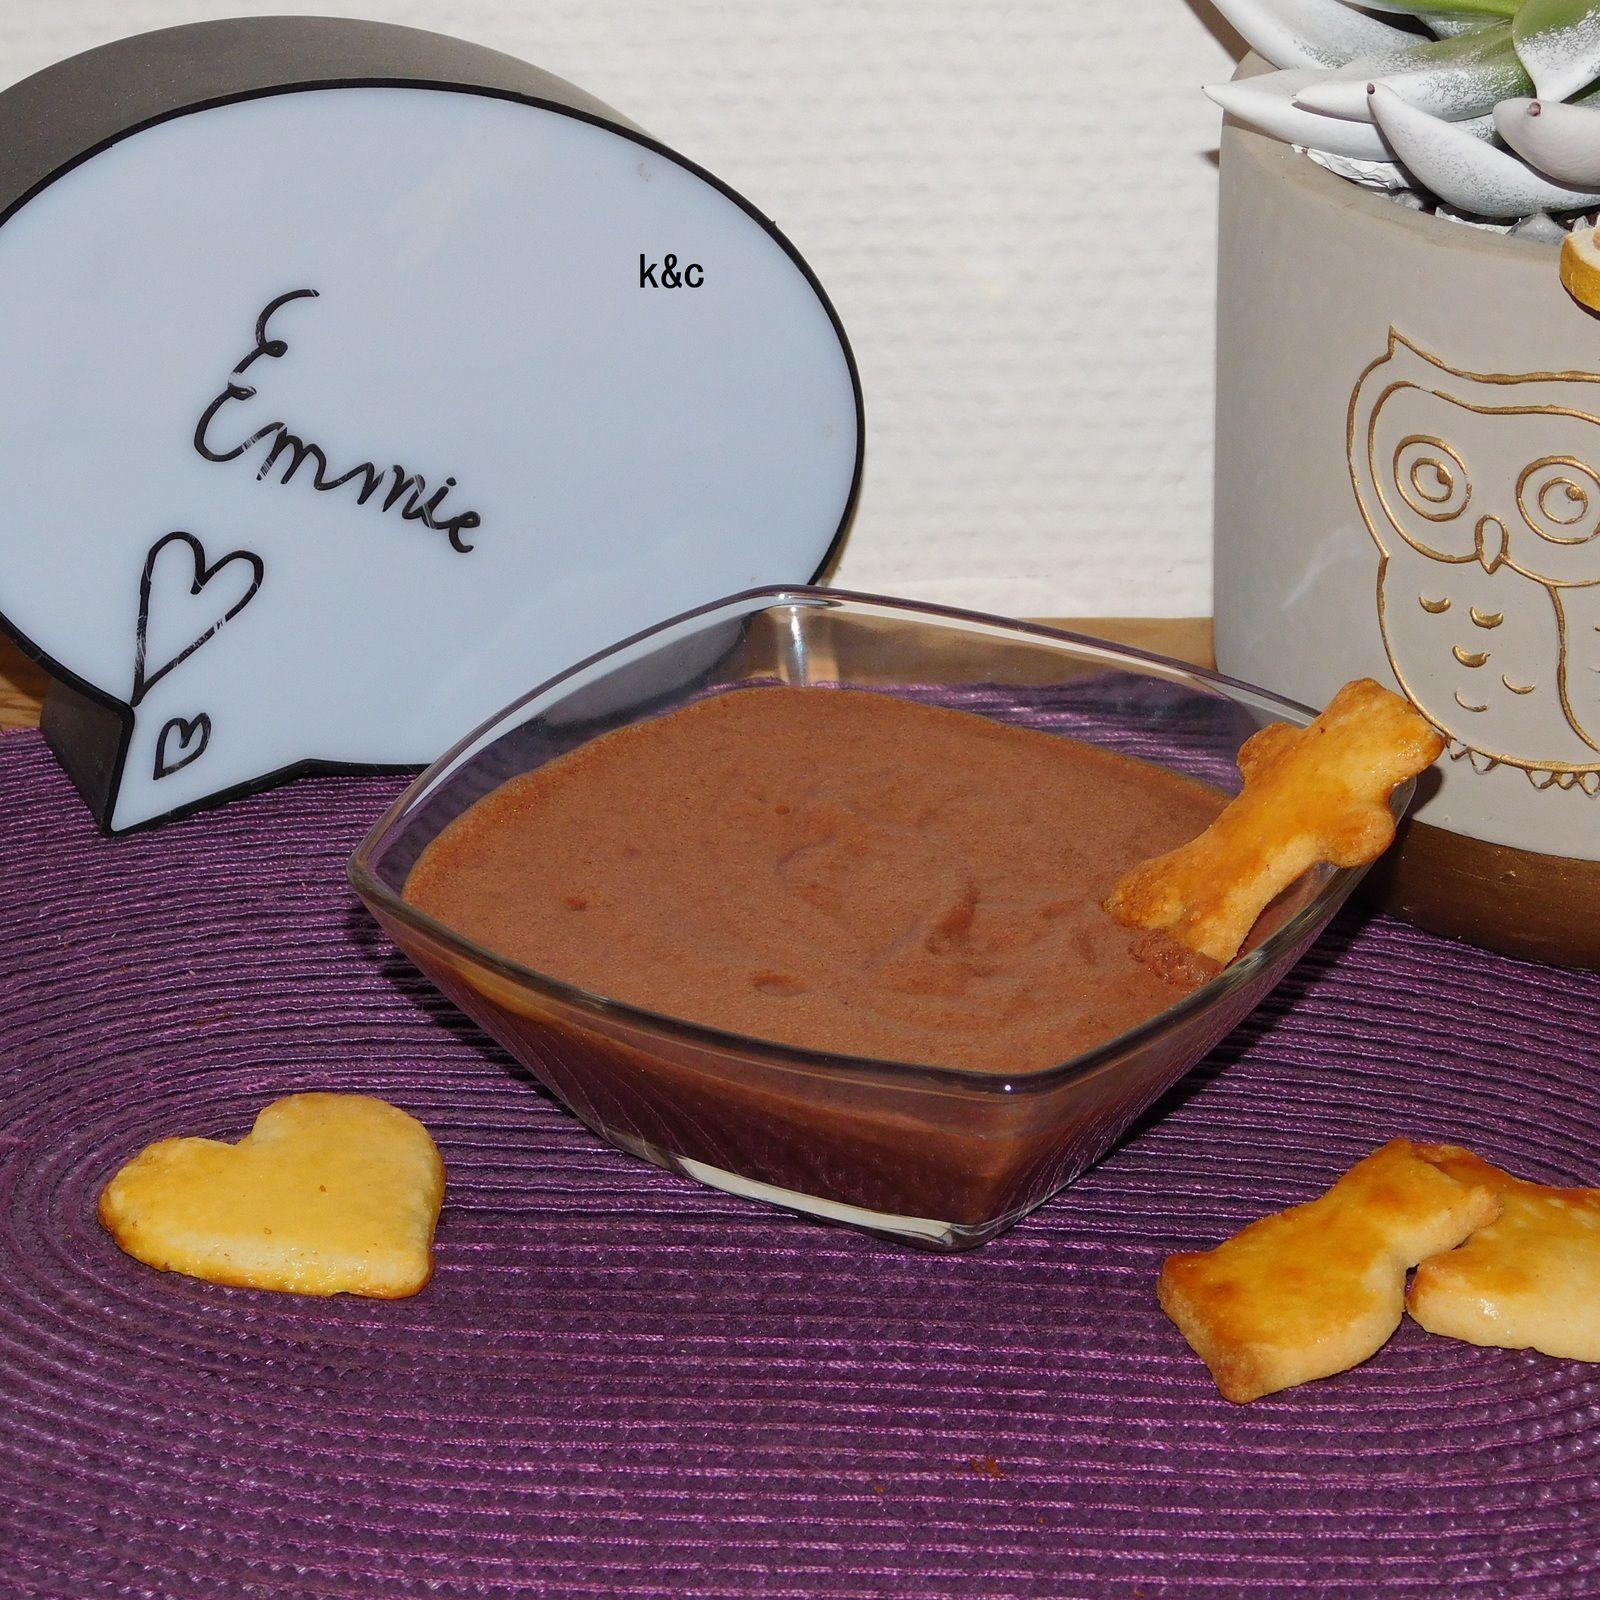 Mousse au chocolat à l'aquafaba.